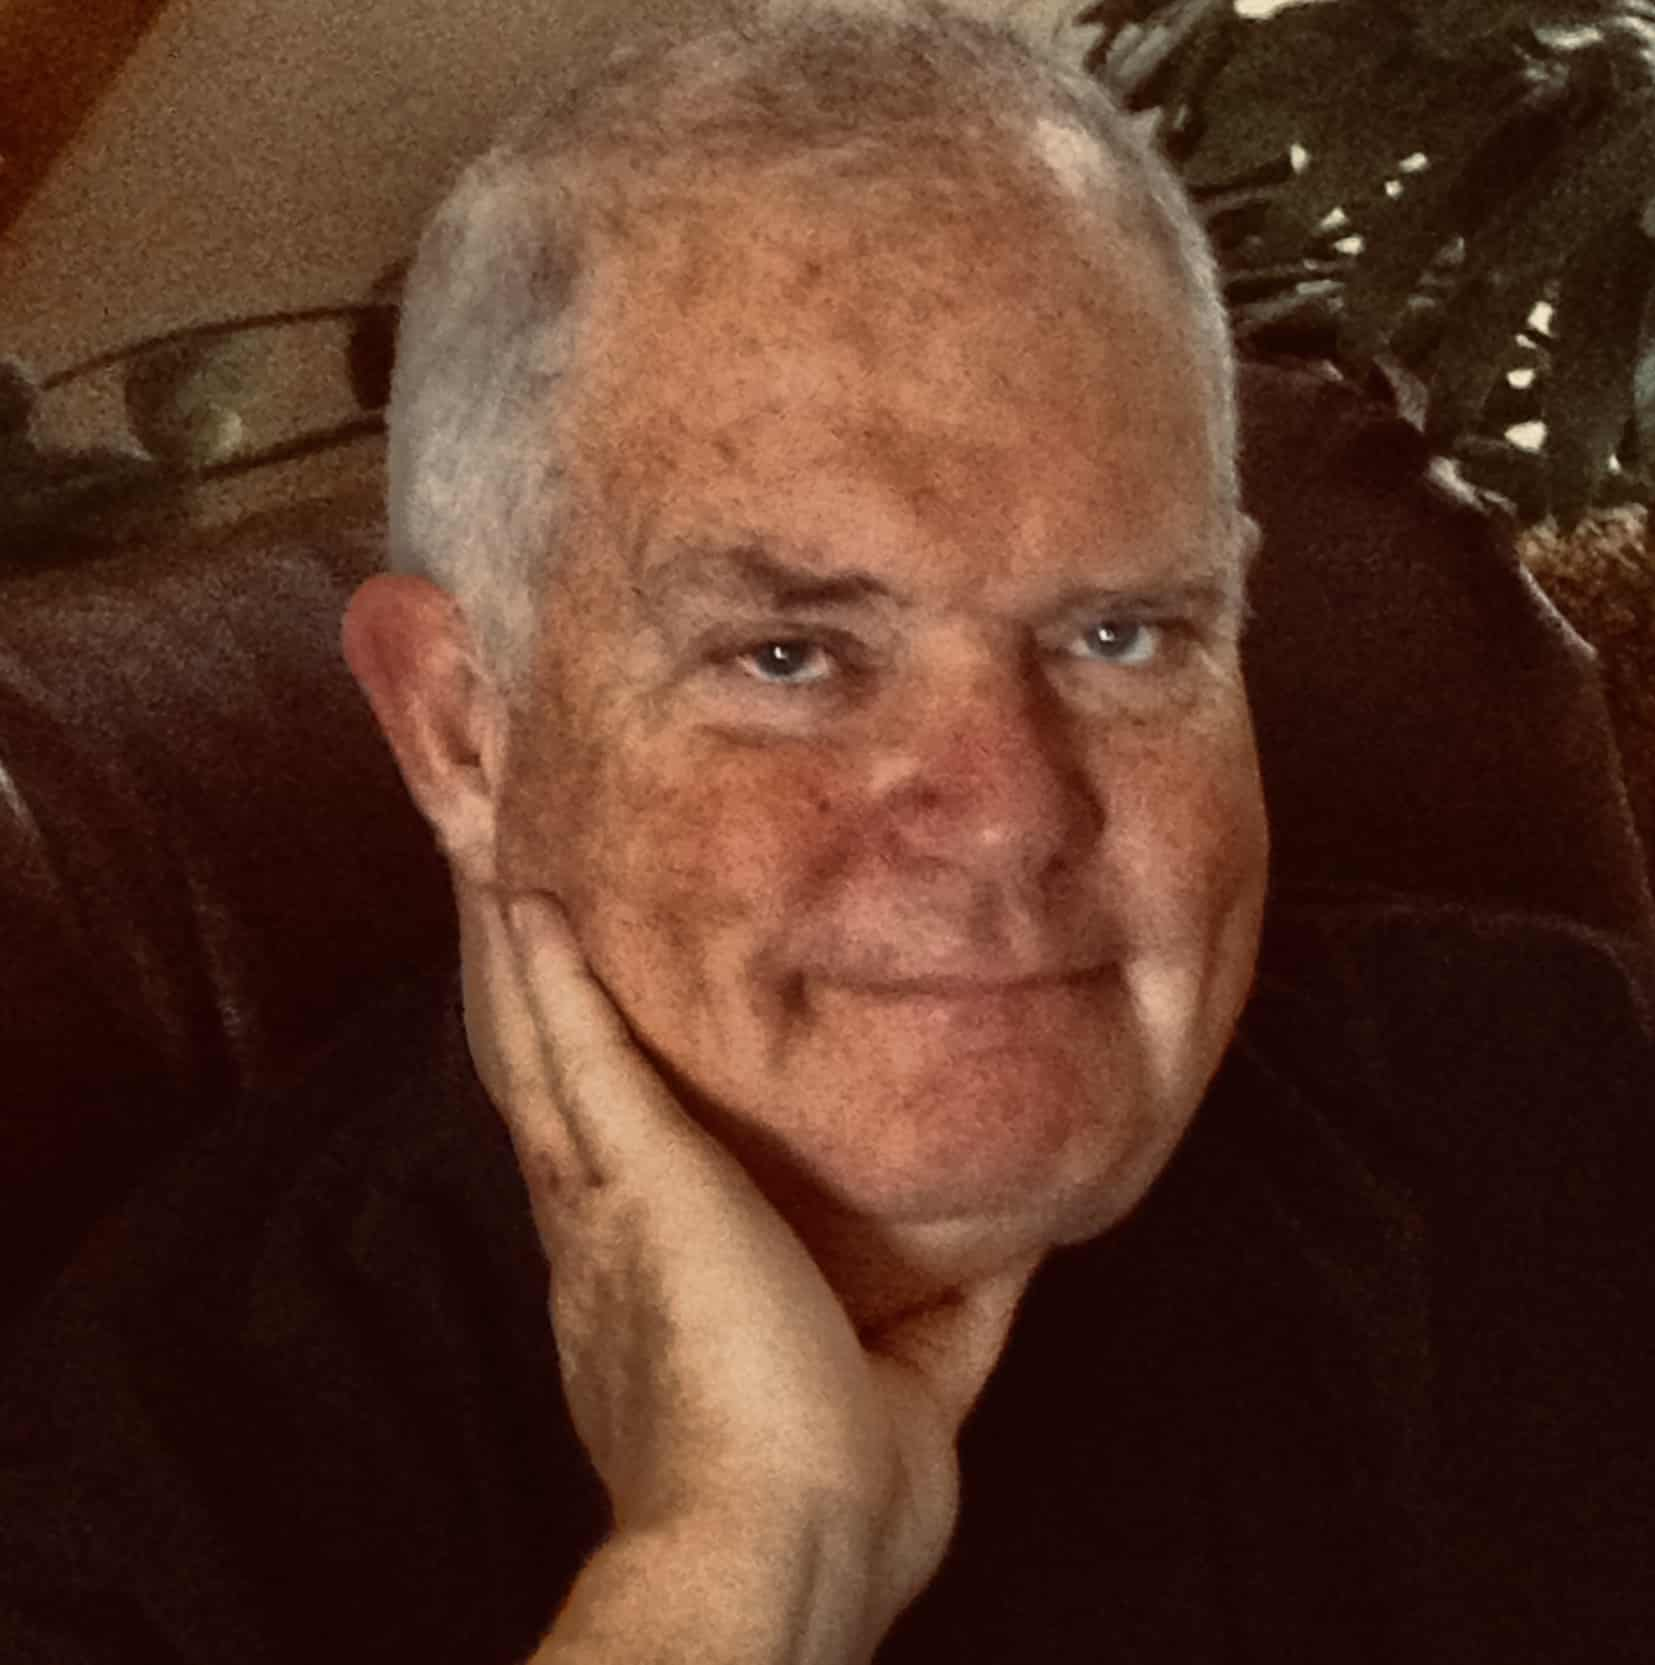 Paul Rodby